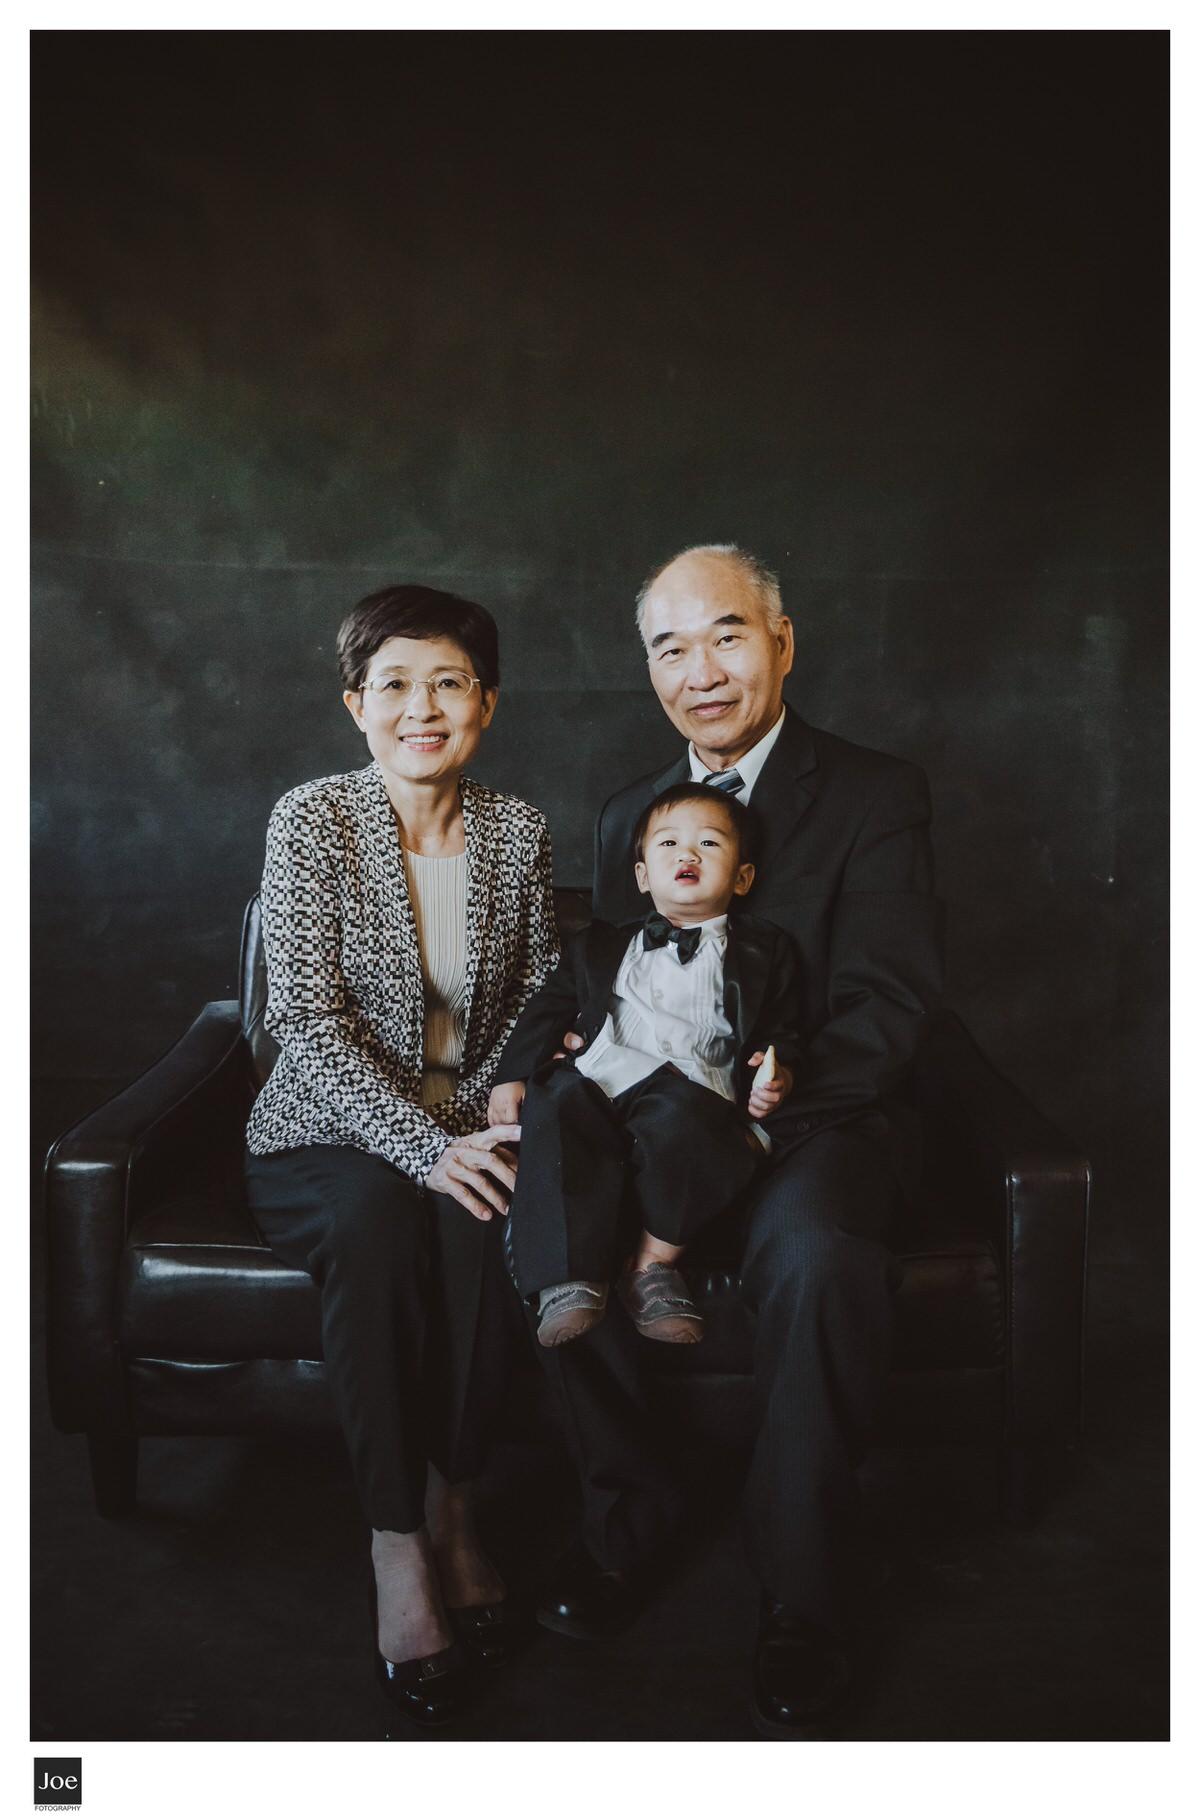 joe-fotography-family-photo-005.jpg